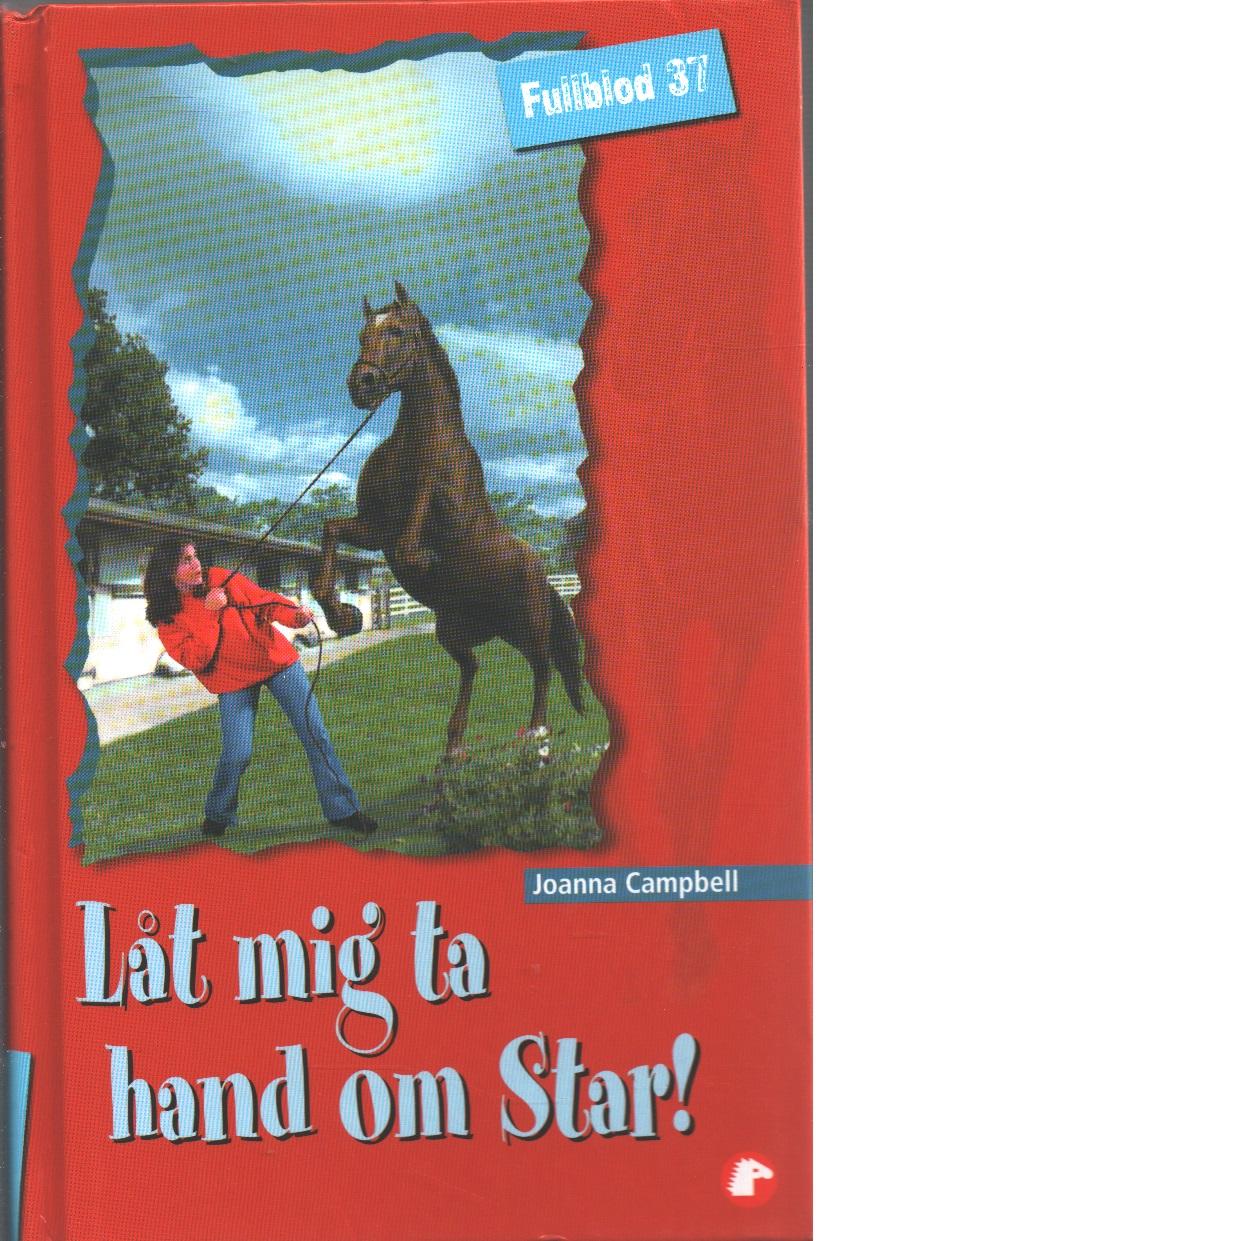 Låt mig ta hand om Star! - Campbell, Joanna